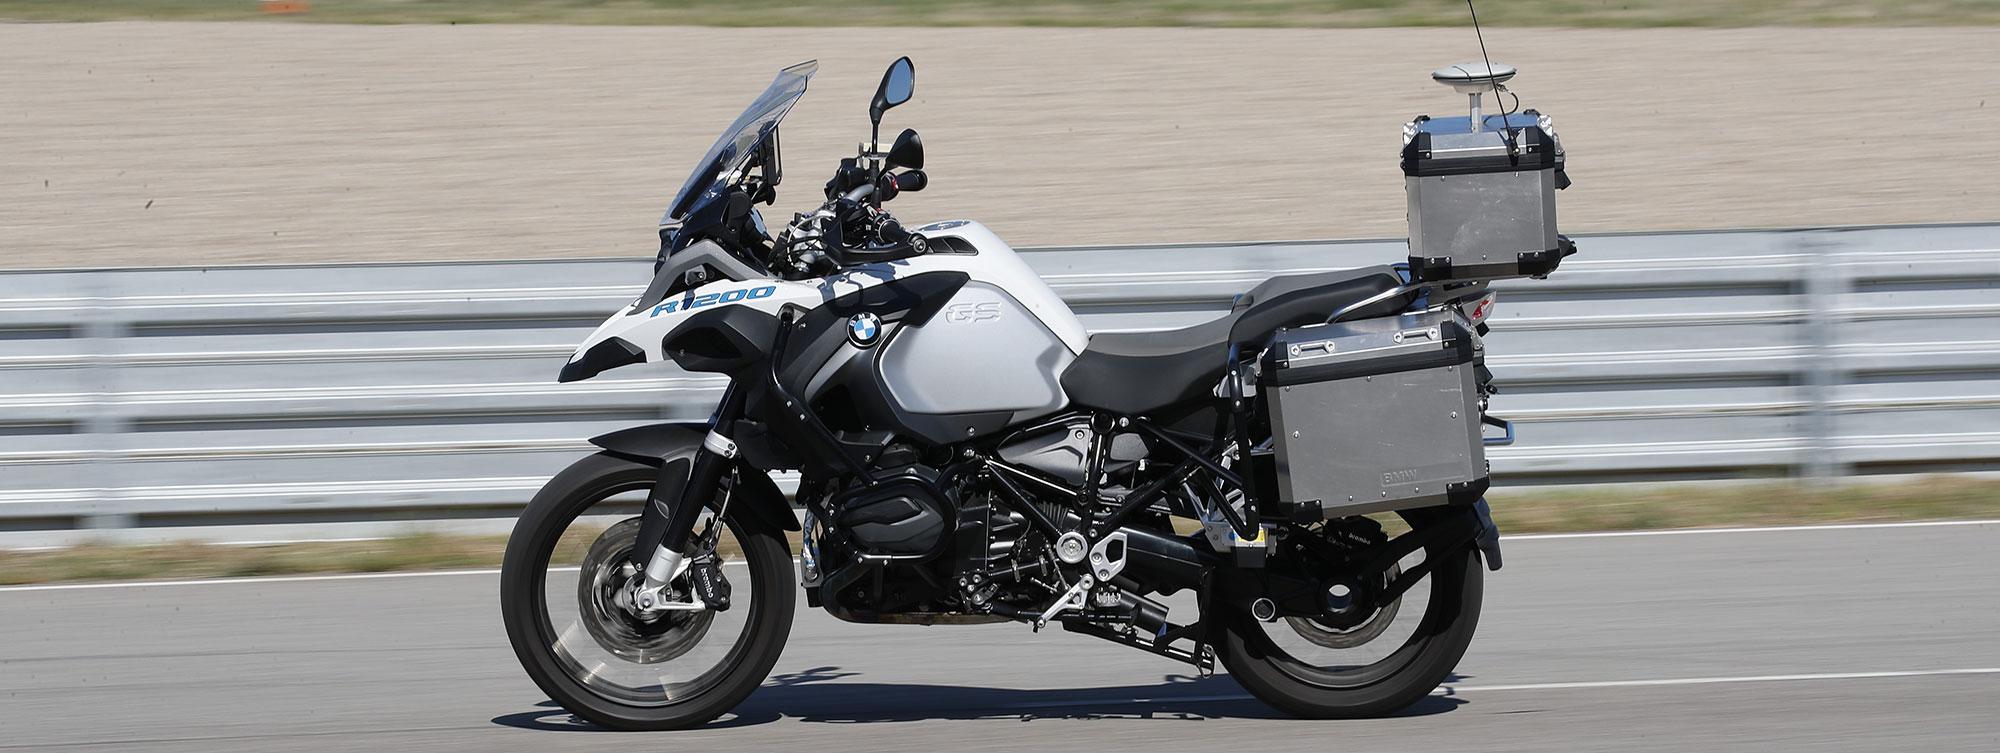 прототип беспилотного мотоцикла R 1200 GS